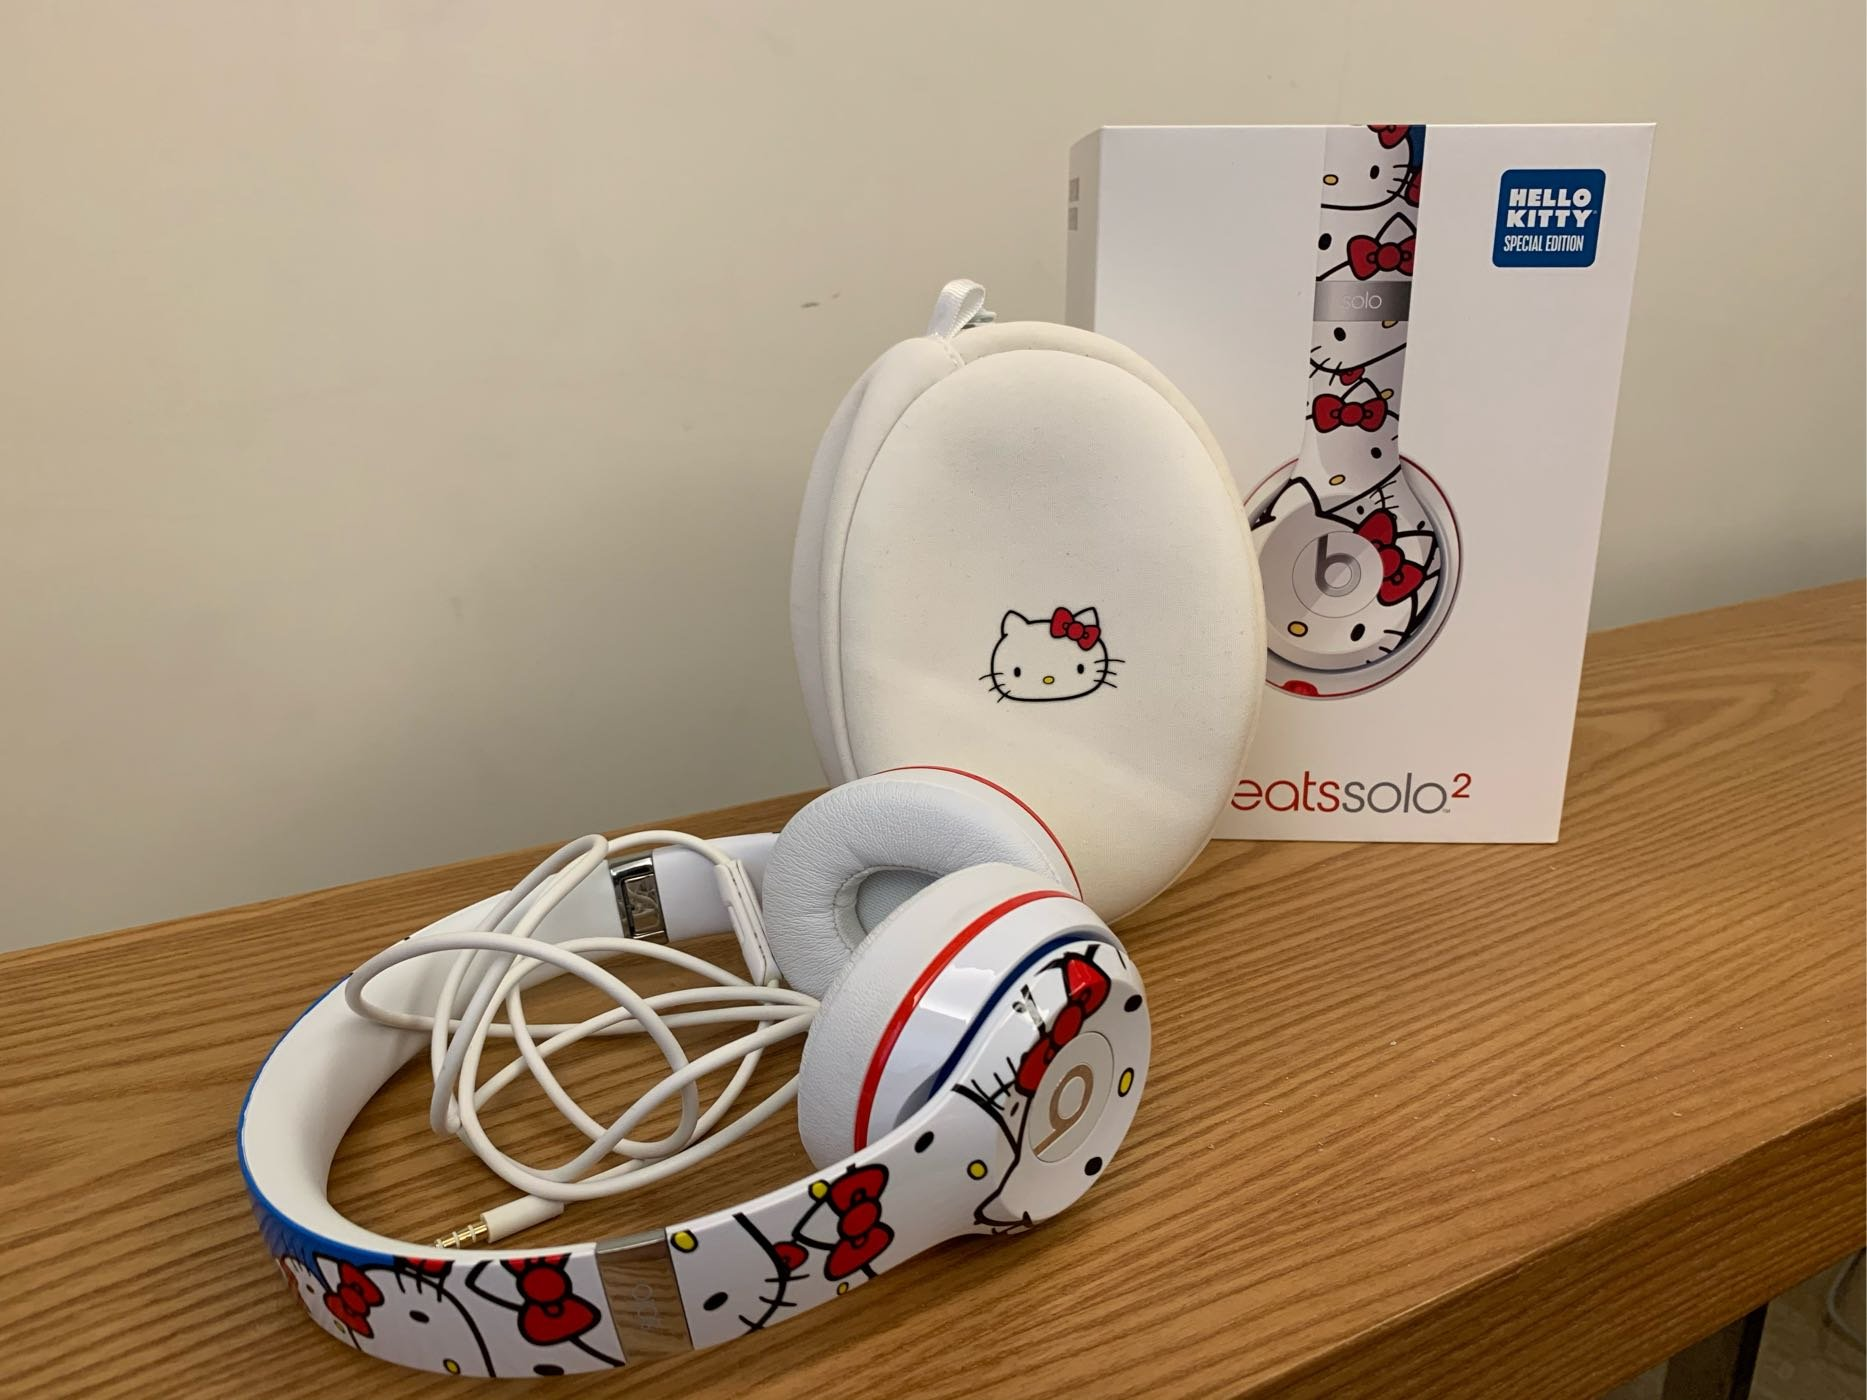 (二手)beats solo2 特別版 Hello Kitty 耳罩式耳機